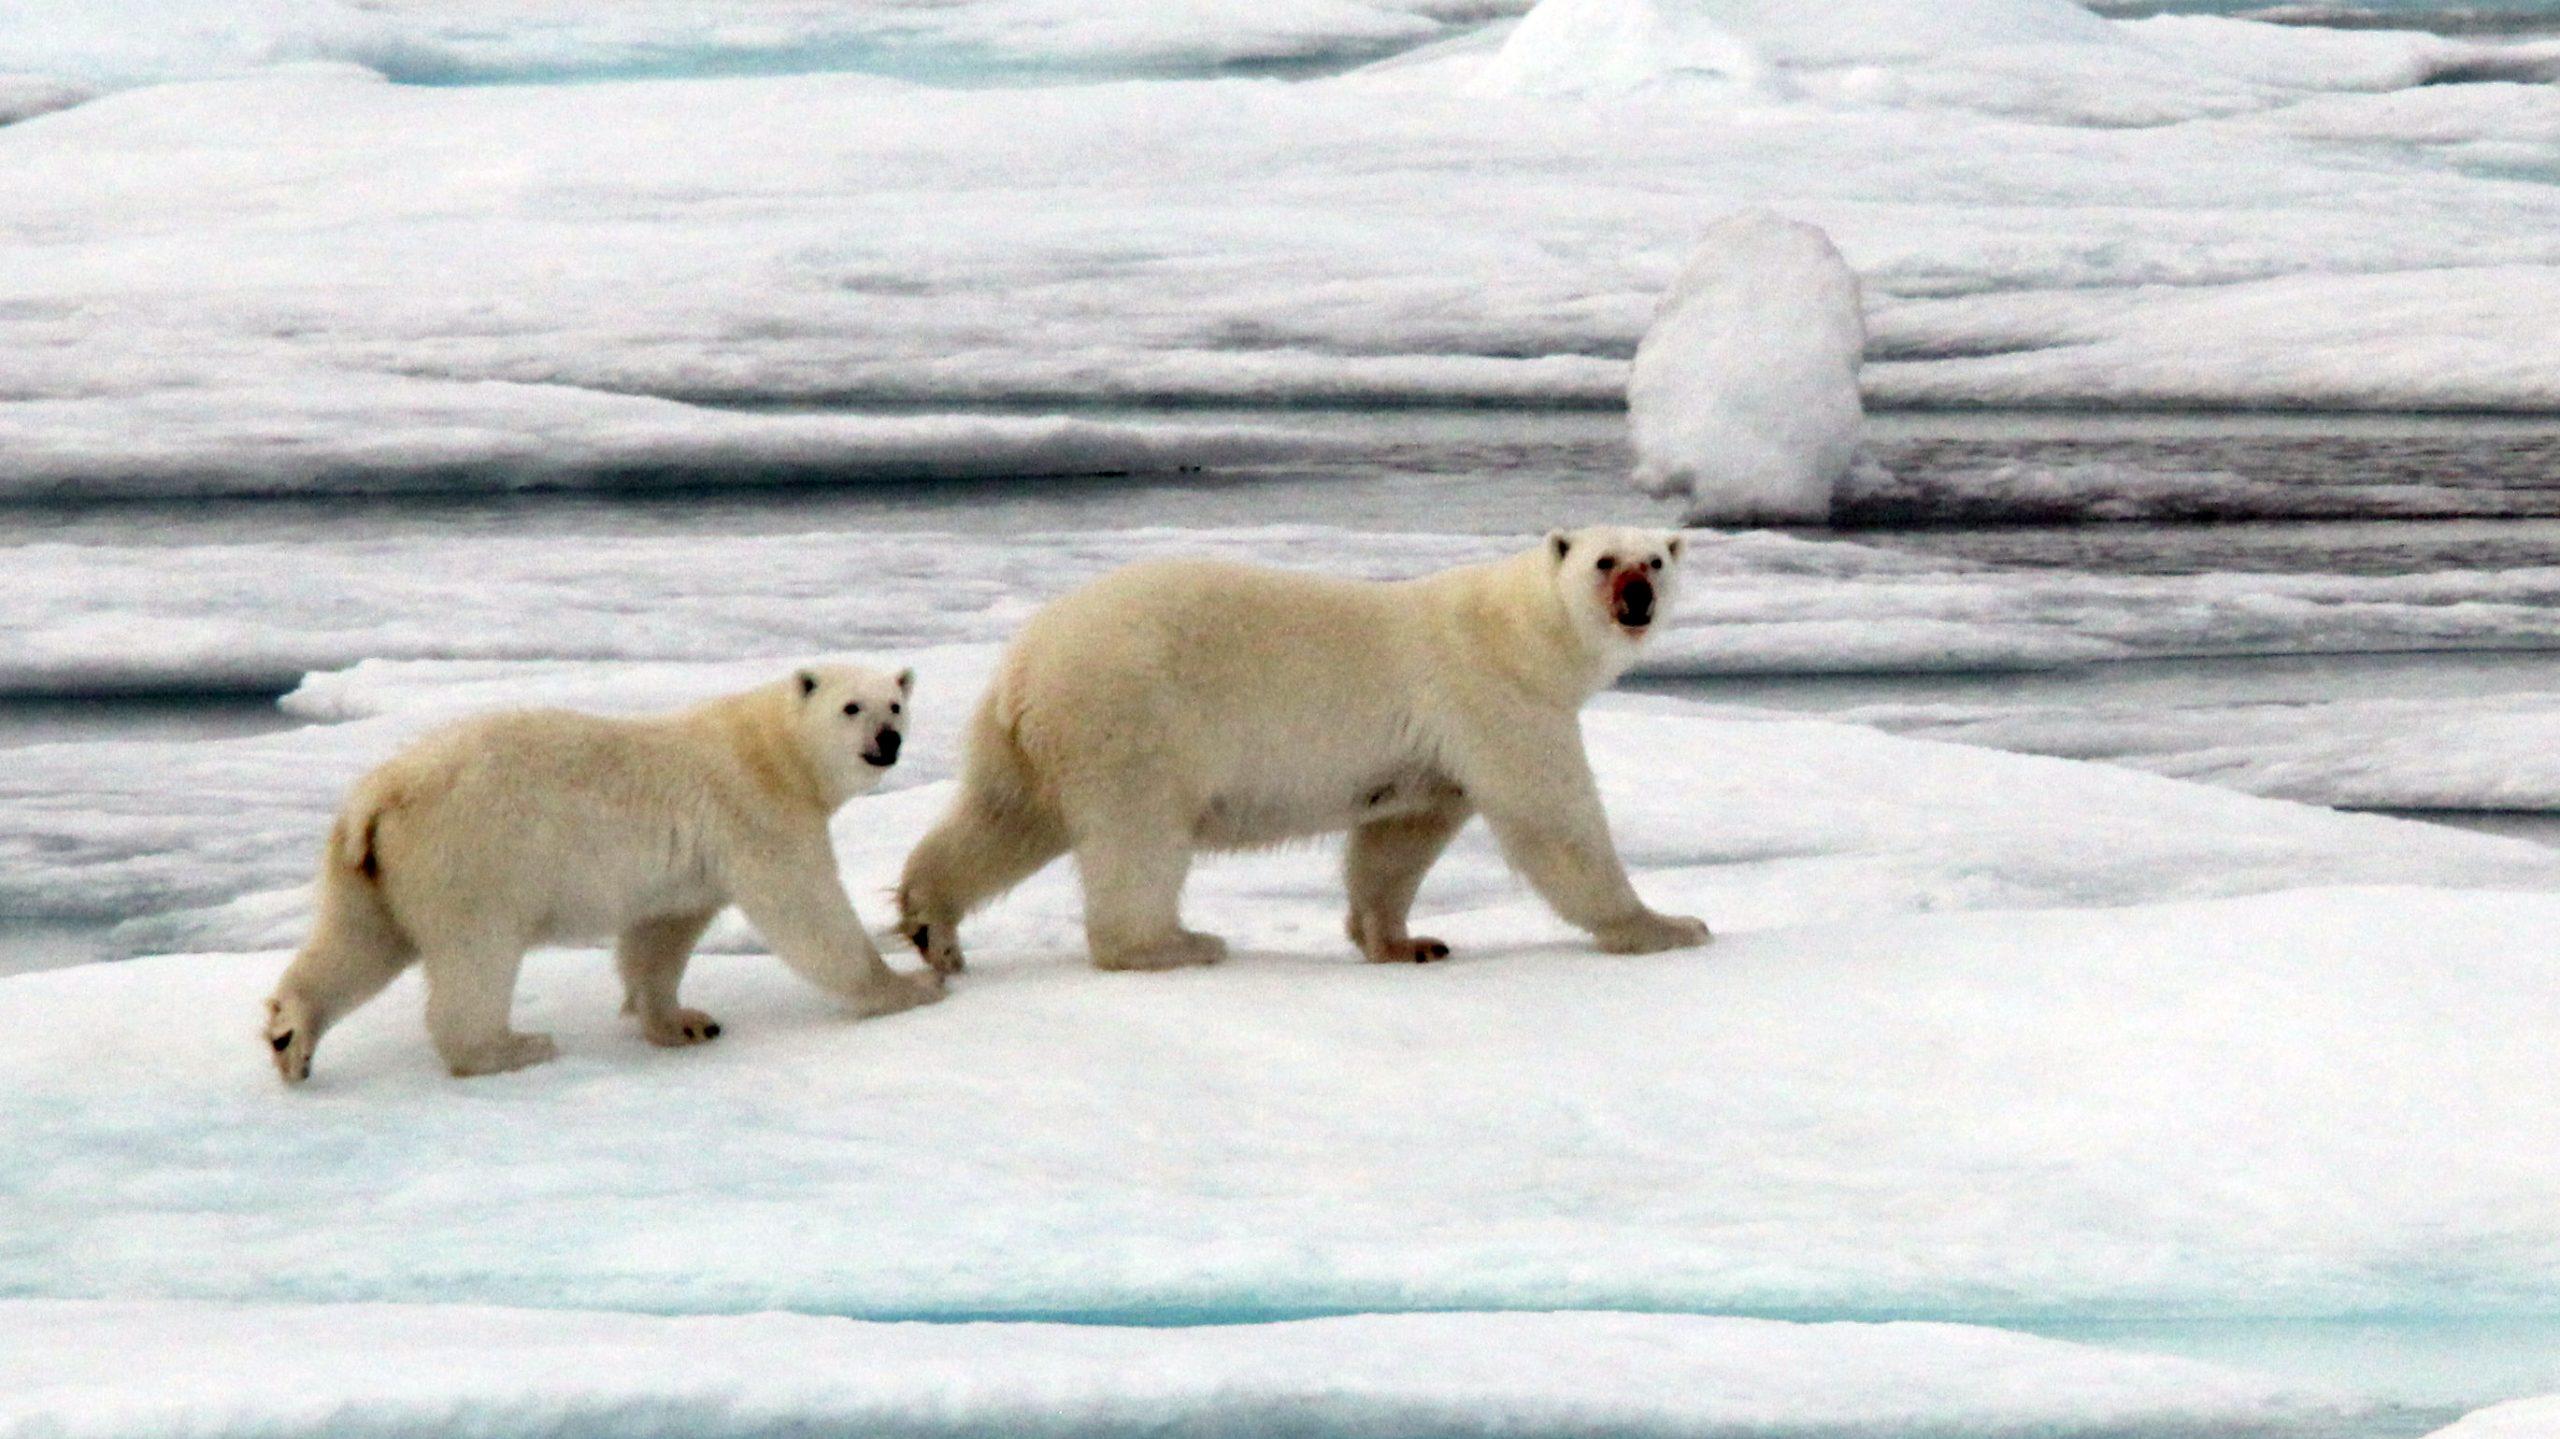 Closeup of the polar bear pair after feeding. (Photo: Marty Davelaar)